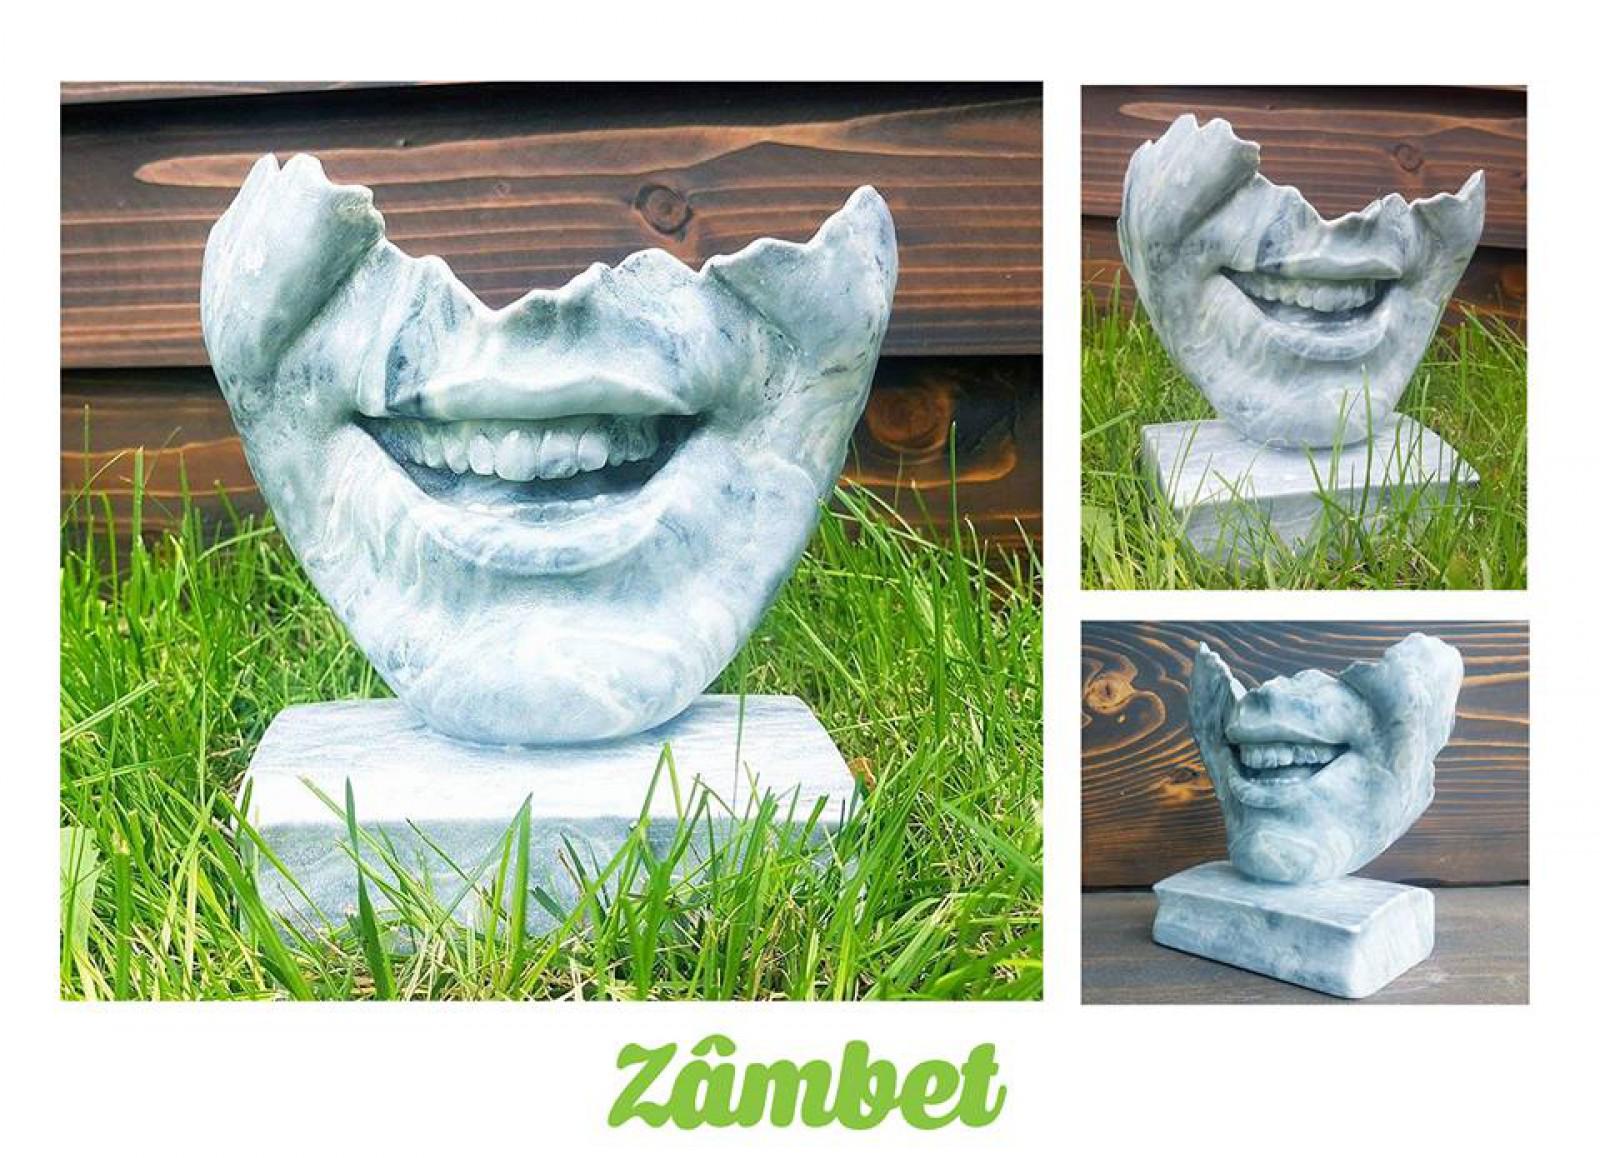 (foto) Ce sculptură ai vrea să vezi în parcul Valea Trandafirilor din capitală. O poți vota pe cea mai frumoasă